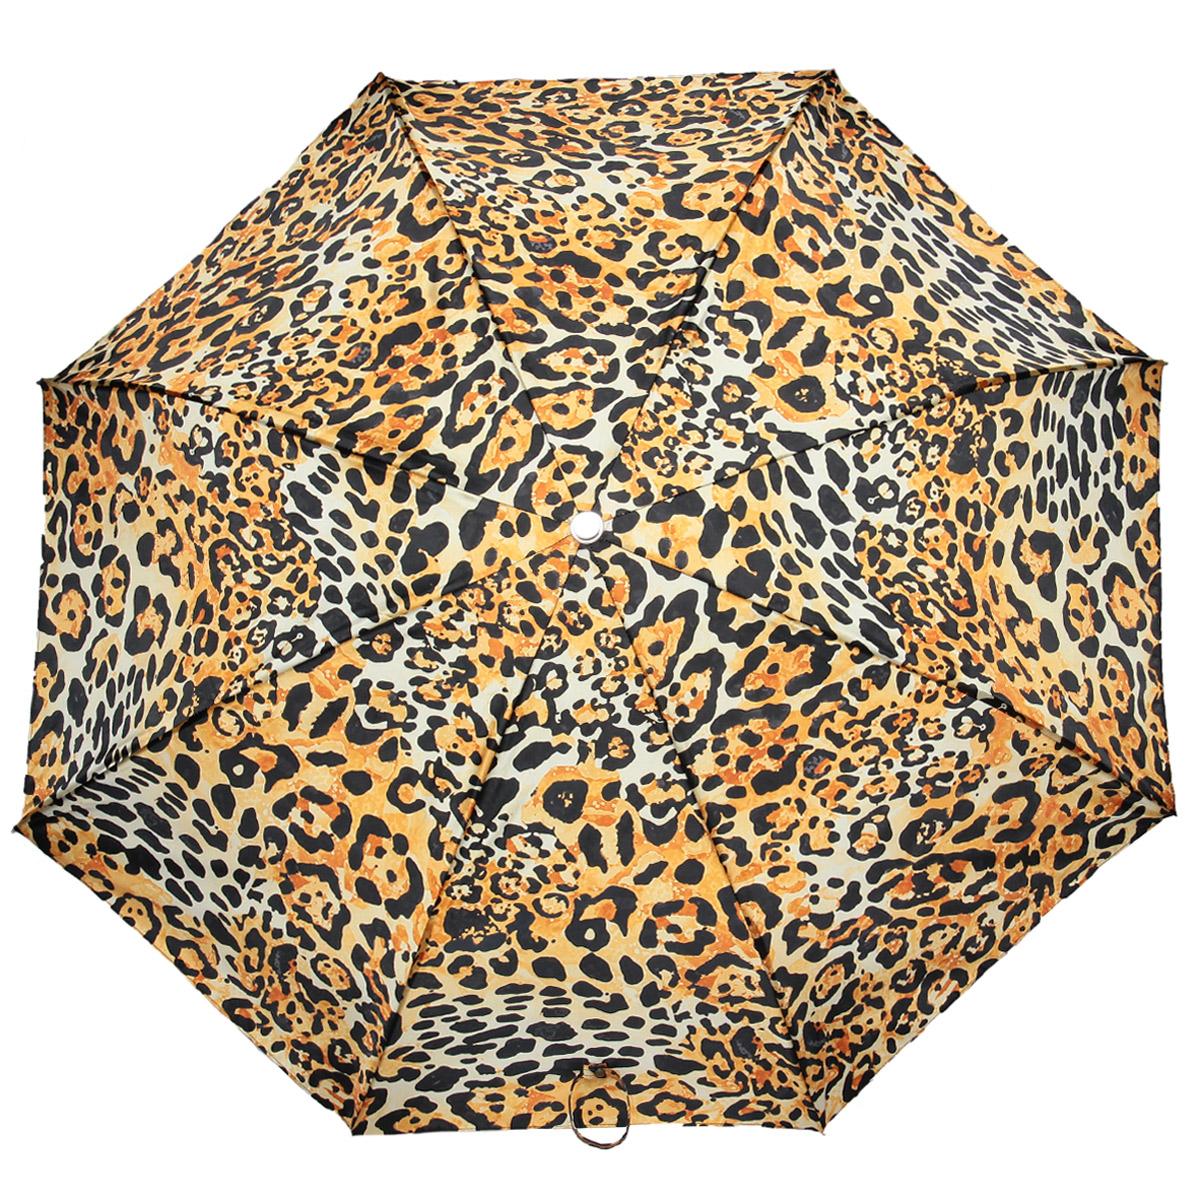 Зонт женский Pasotti, автомат, 3 сложения, леопардовый261-56124-1Стильный автоматический зонт Pasotti в 3 сложения даже в ненастную погоду позволит вам оставаться стильной и элегантной. Рукоятка разработана с учетом требований эргономики и выполнена из металла. Каркас зонта из стали состоит из восьми карбоновых спиц. Зонт имеет полный автоматический механизм сложения: купол открывается и закрывается нажатием кнопки на рукоятке, стержень складывается вручную до характерного щелчка, благодаря чему открыть и закрыть зонт можно одной рукой, что чрезвычайно удобно при входе в транспорт или помещение. Купол зонта выполнен из прочного полиамида и оформлен леопардовым принтом. Закрытый купол фиксируется хлястиком на кнопке. На рукоятке для удобства есть небольшой шнурок-петля, позволяющий надеть зонт на руку тогда, когда это будет необходимо. Компактные размеры зонта в сложенном виде позволят ему без труда поместиться в сумочке и не доставят никаких проблем во время переноски. К зонту прилагается чехол.